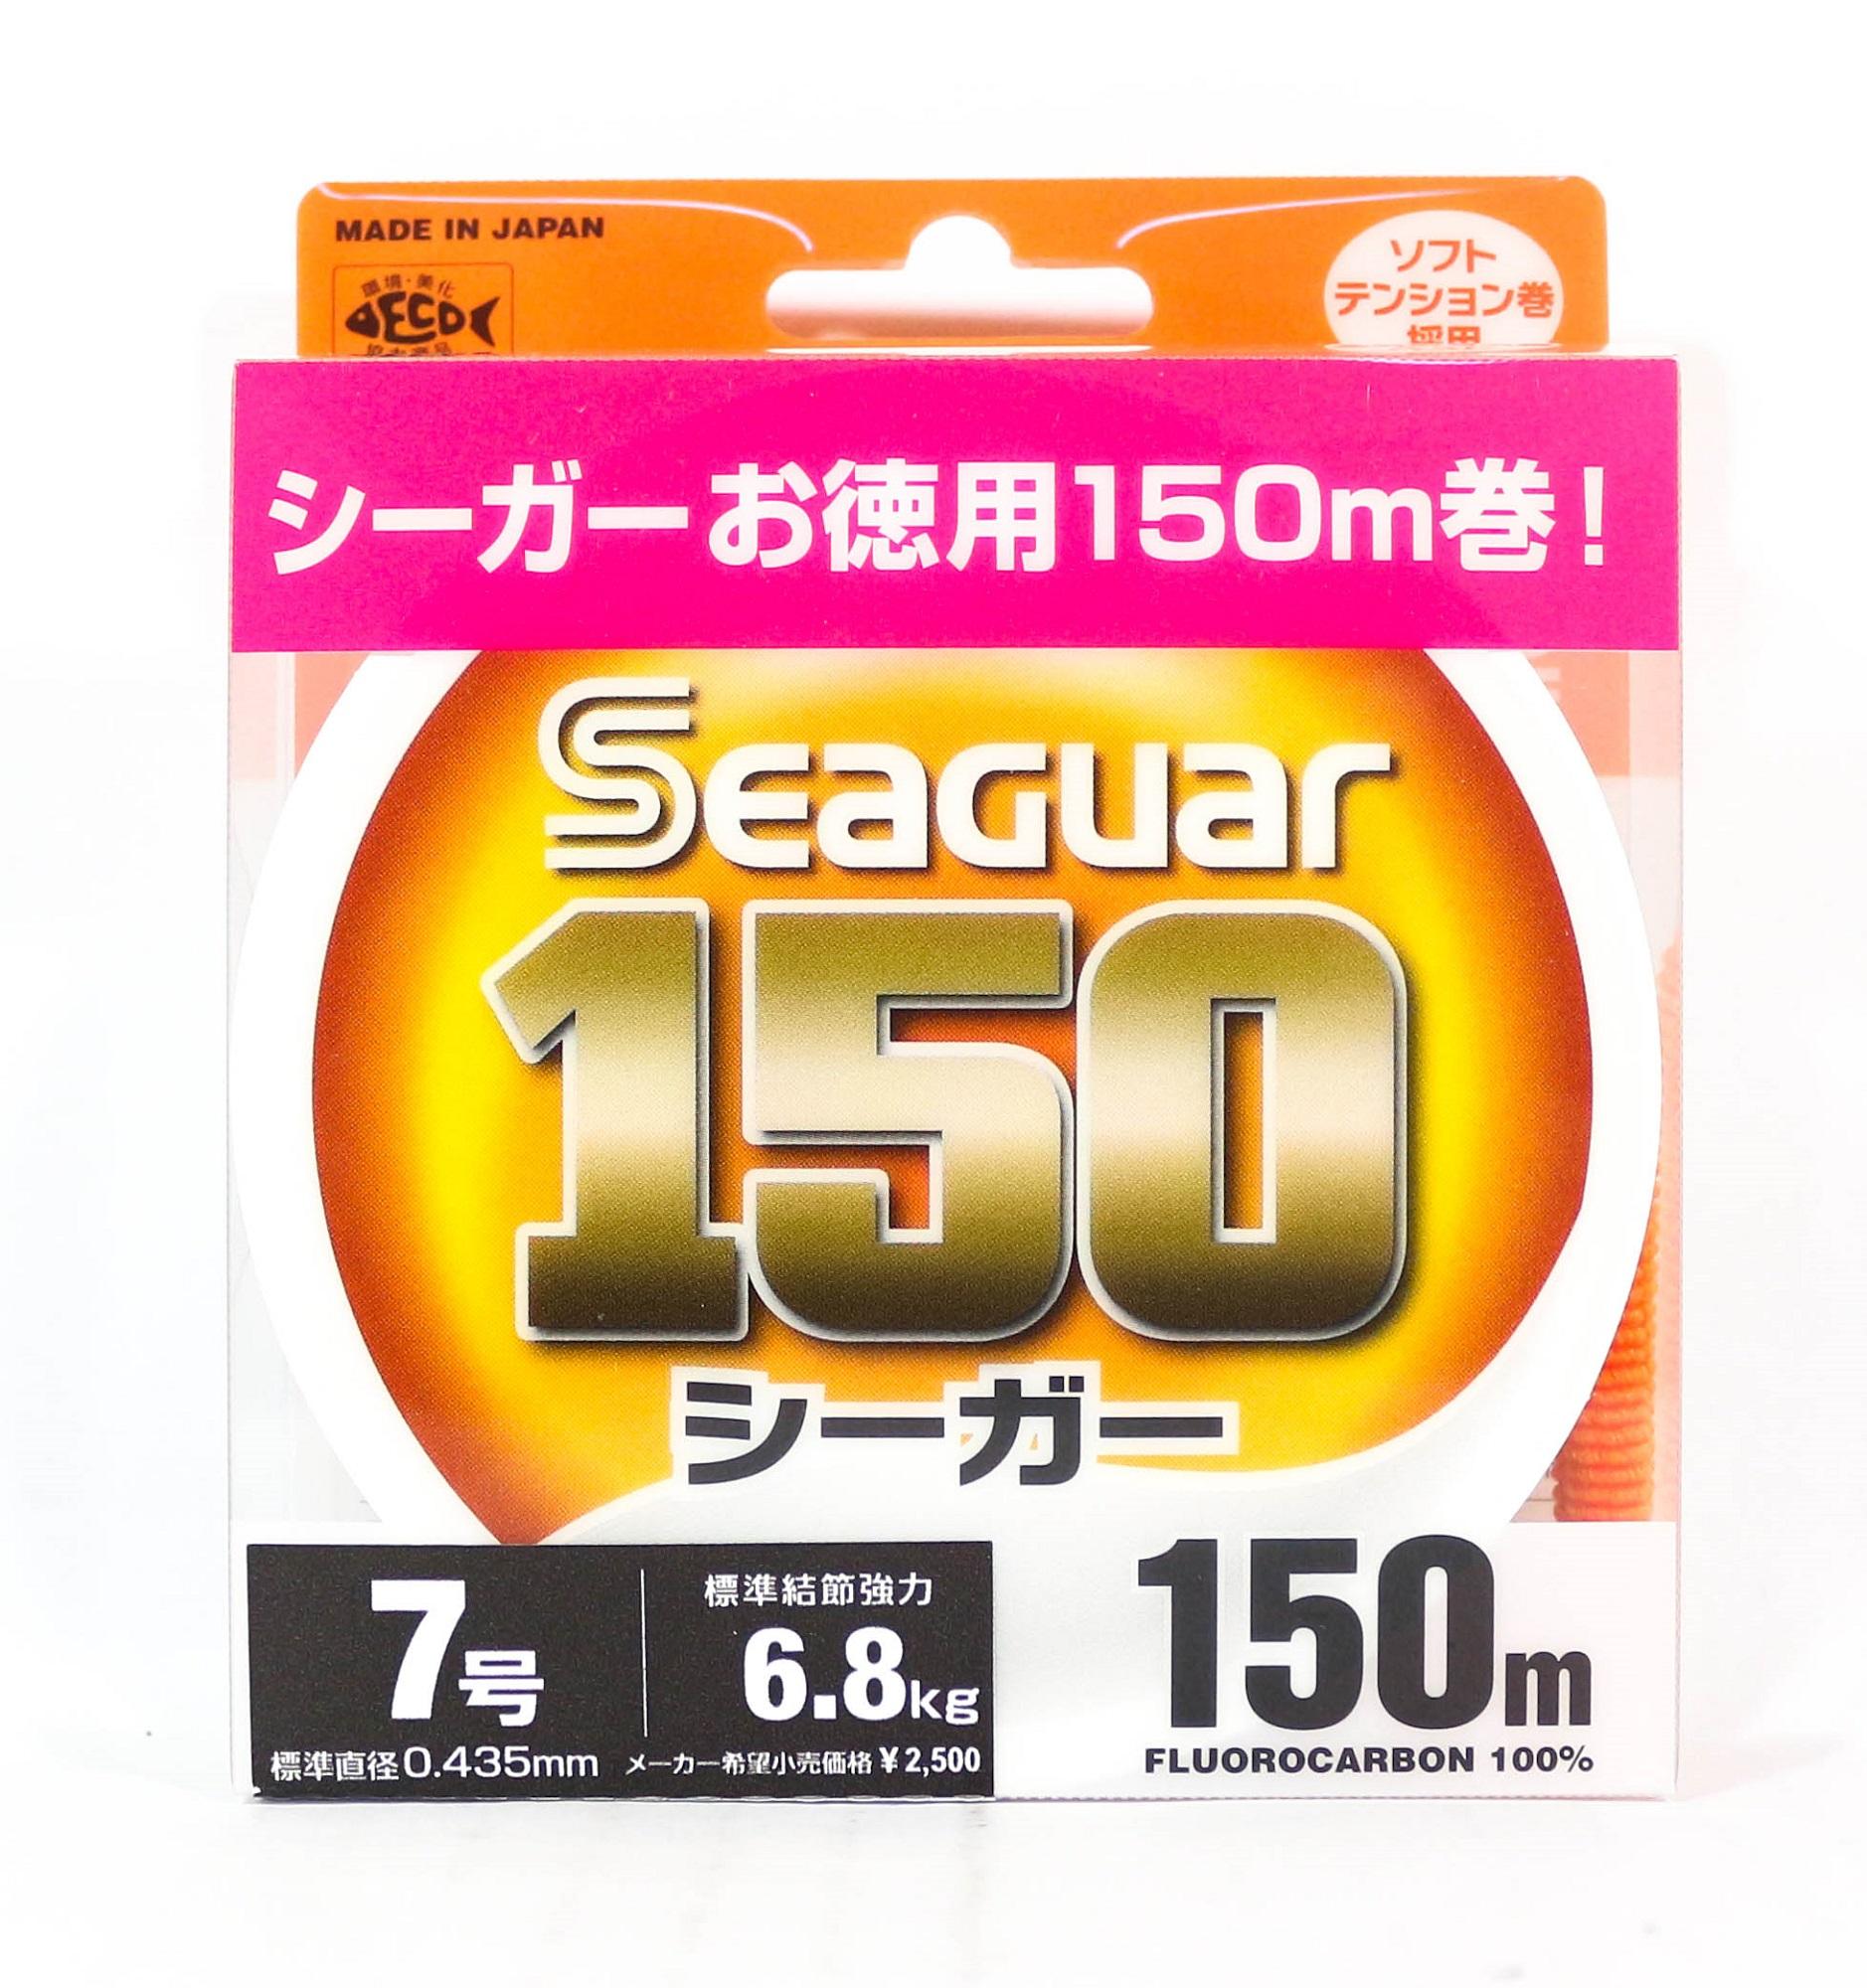 Seaguar 150 150m Fluorocarbon Line 150m Size 7 27lb (0867)